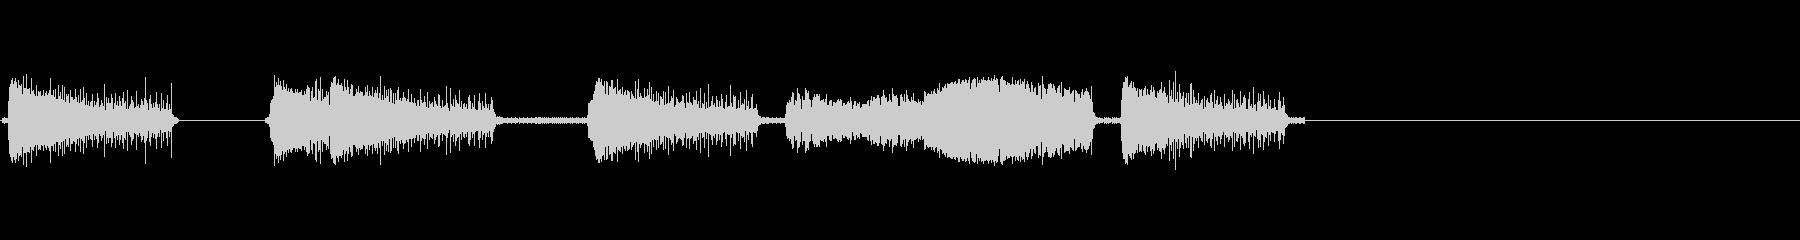 レーザー、アーケード5の未再生の波形